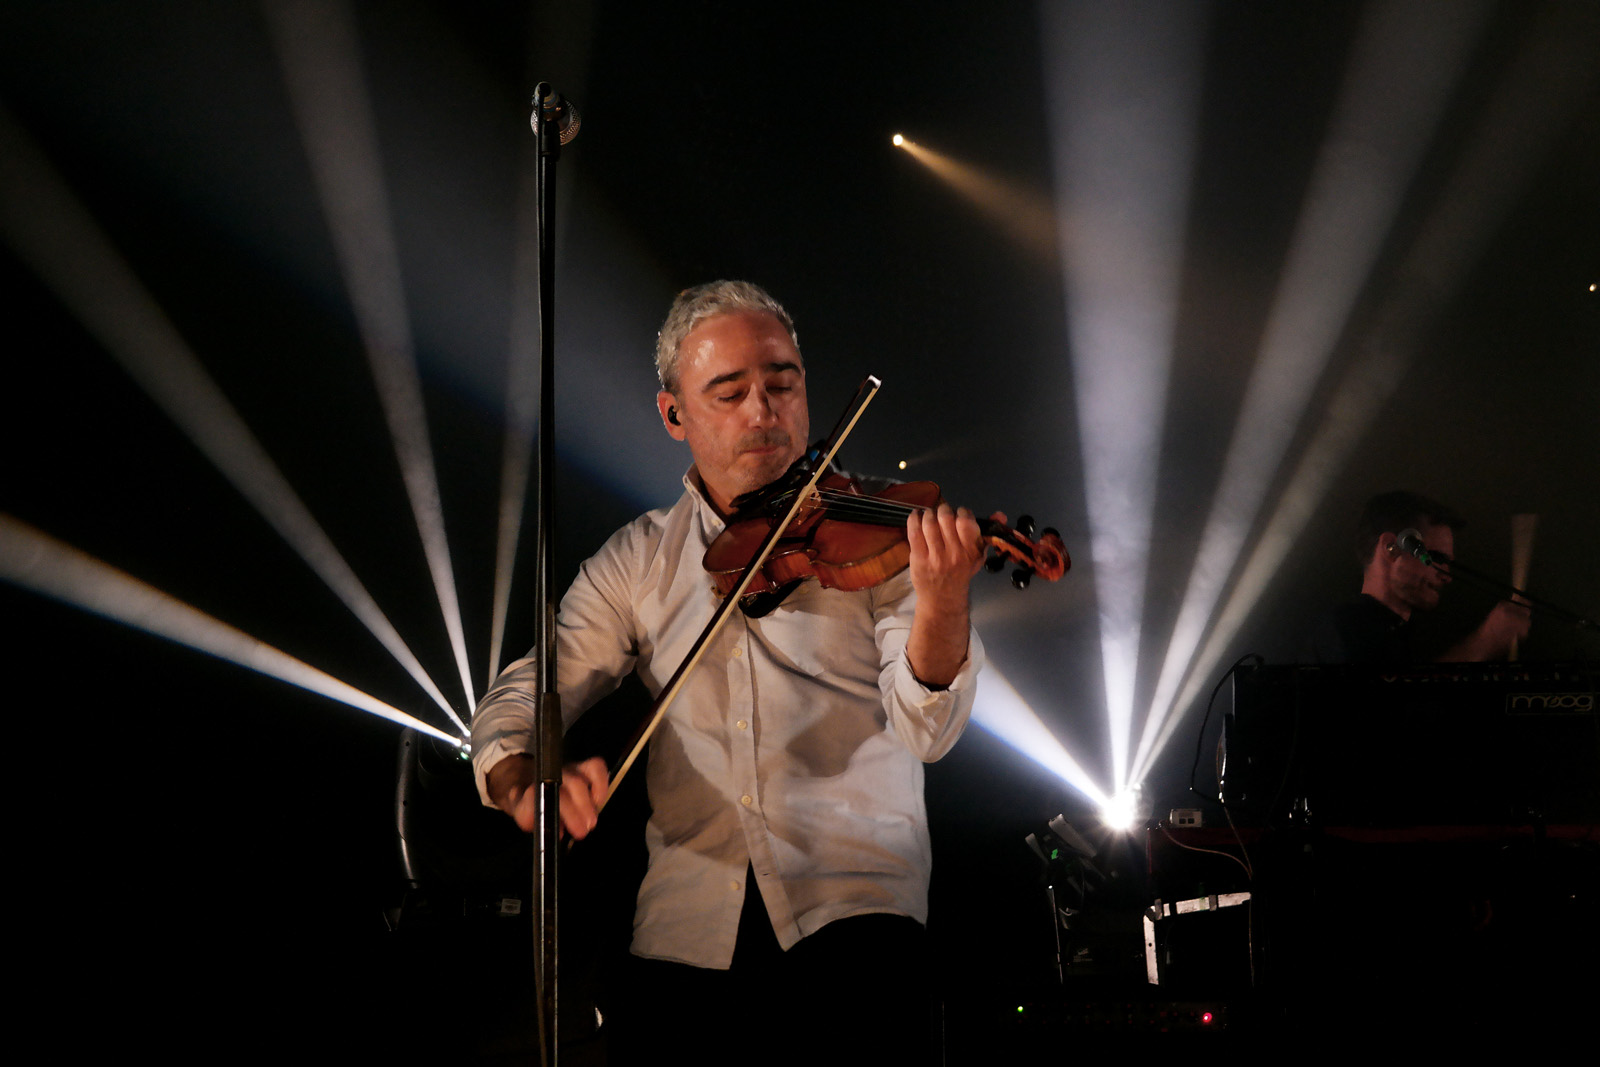 Arnaud Samuel violoniste groupe Louise Attaque live concert Printemps de Bourges 2016 festival musique tournée Anomalie album photo scène usofparis blog